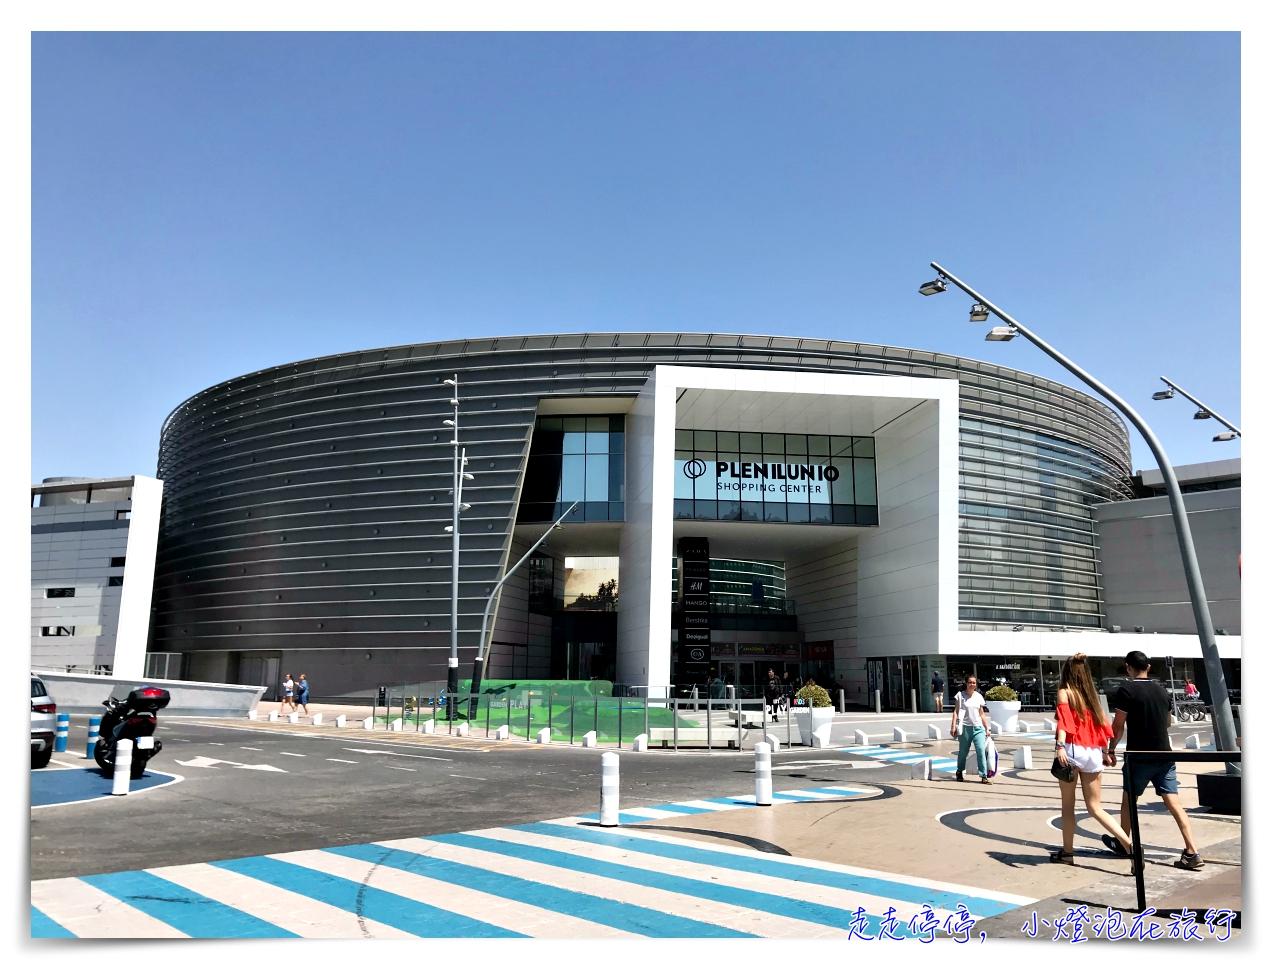 西班牙親子自助|馬德里機場附近吃到飽超值中國餐廳,東方Orient。順遊Plenilunio購物中心